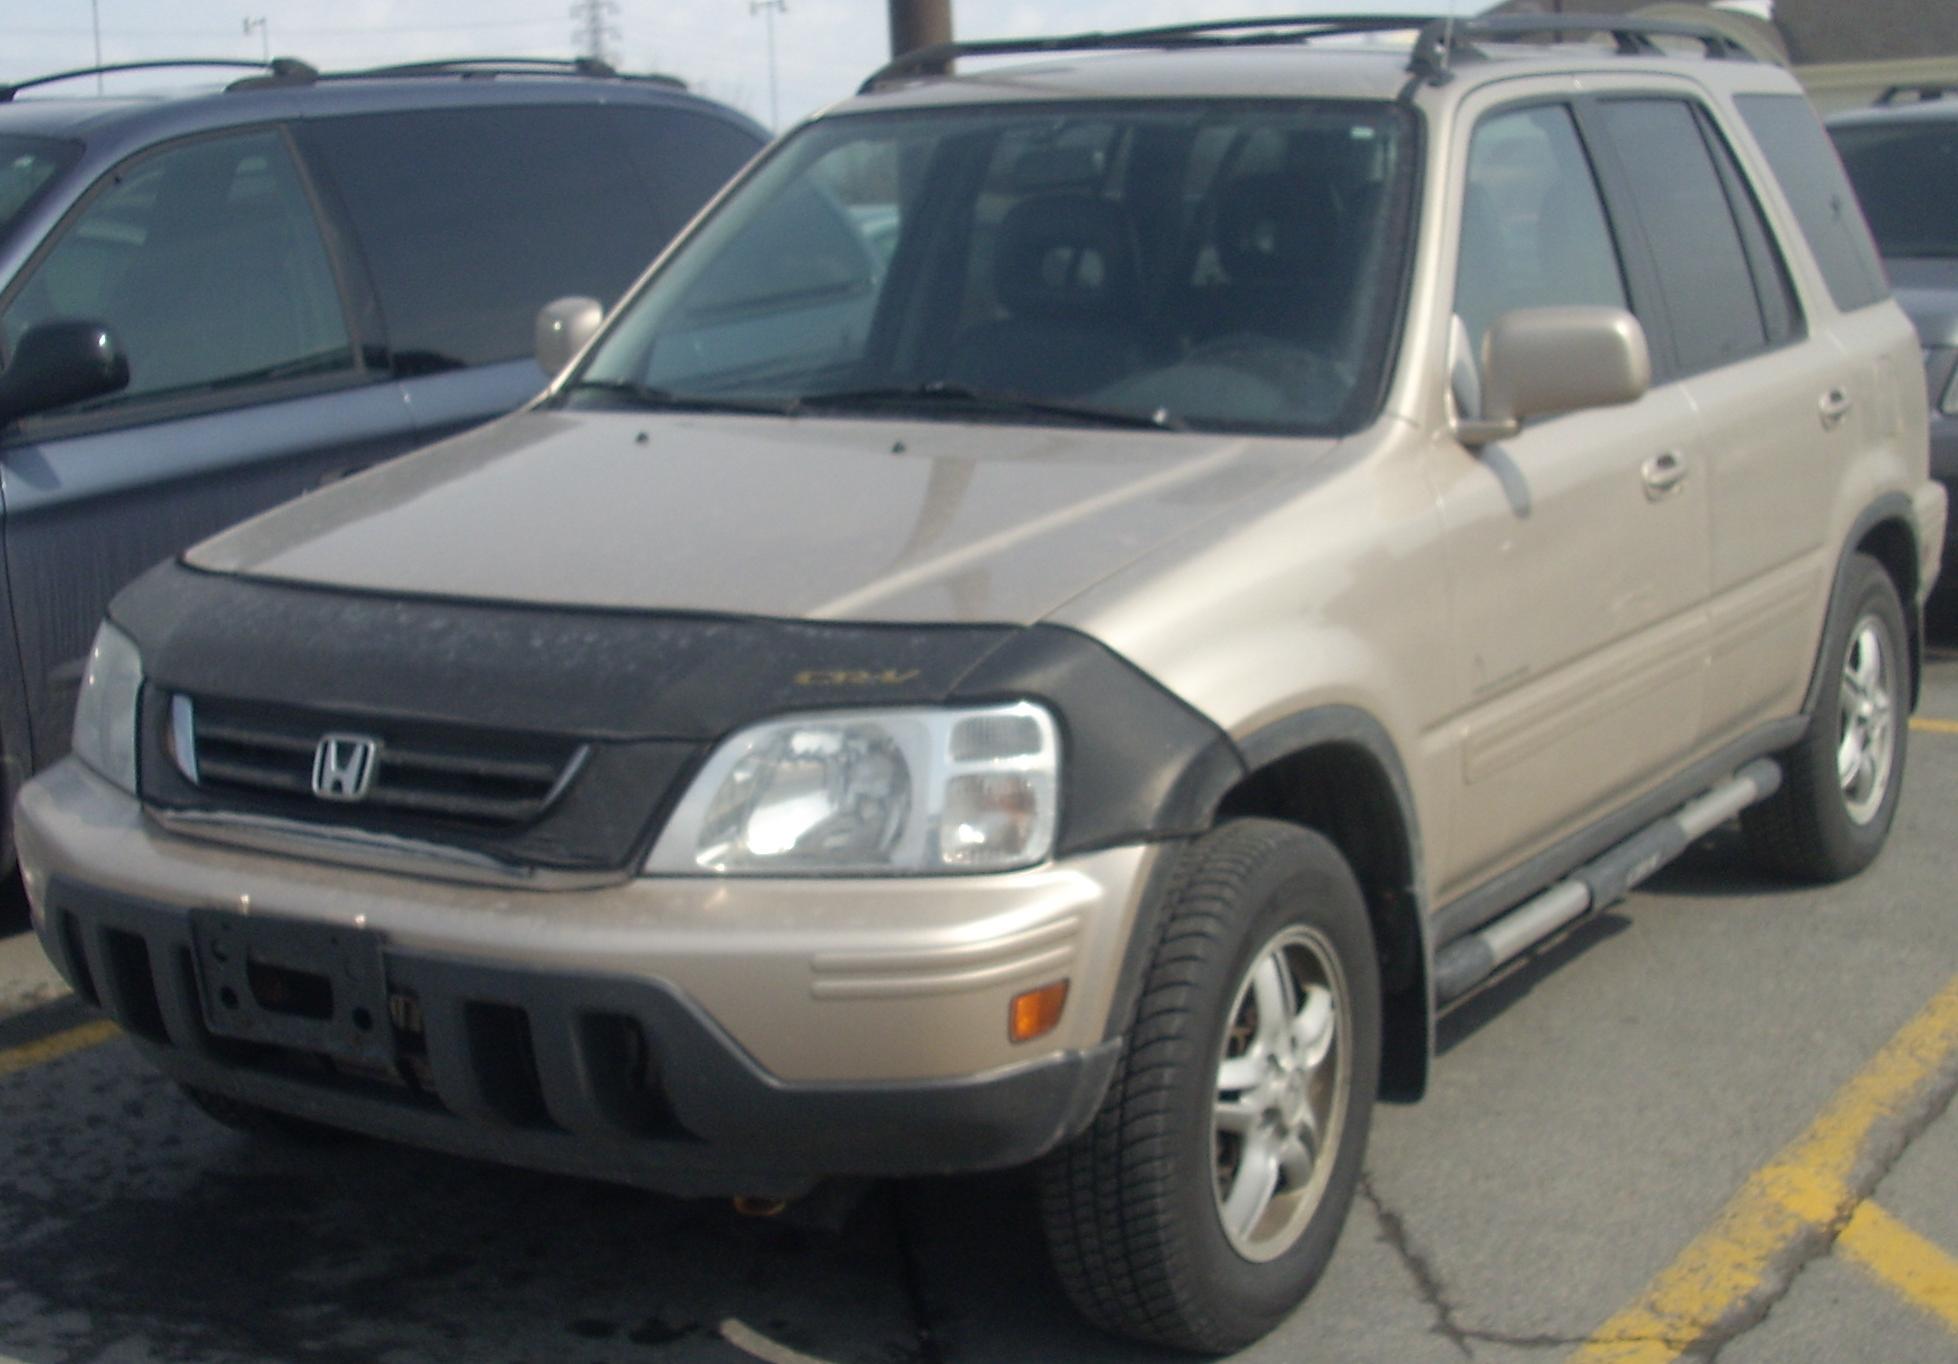 File:1997-2001 Honda CR-V.JPG - Wikimedia Commons